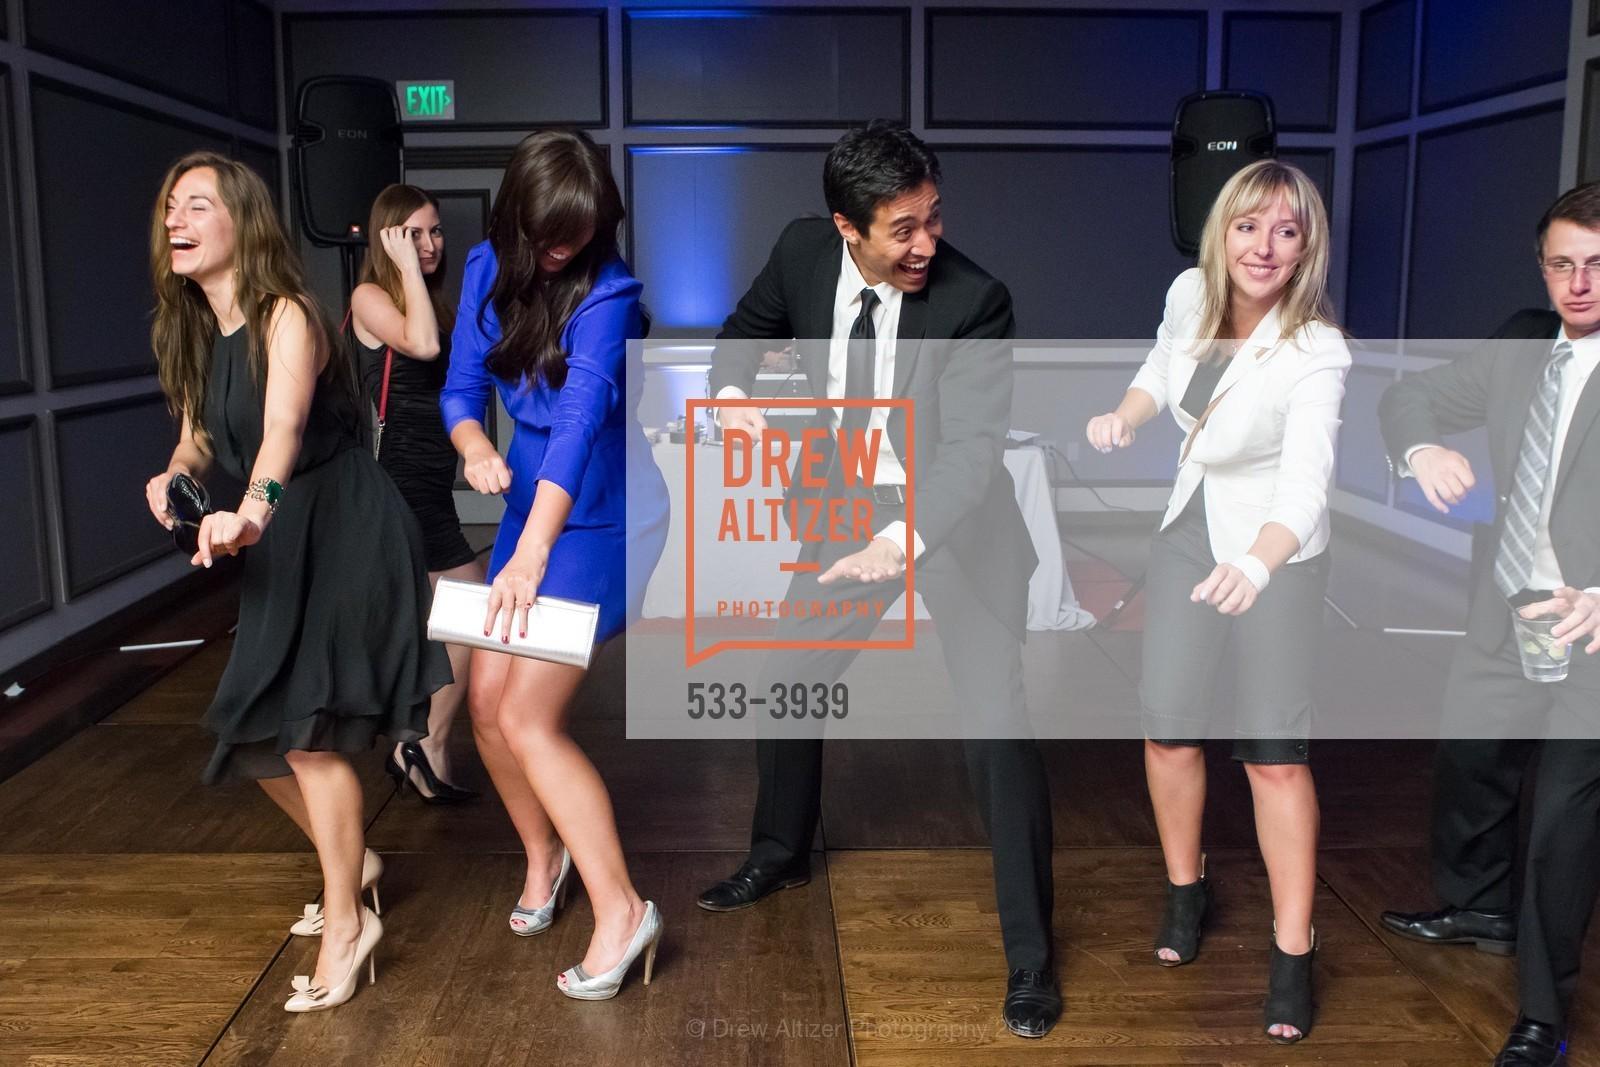 Dance Floor, Photo #533-3939